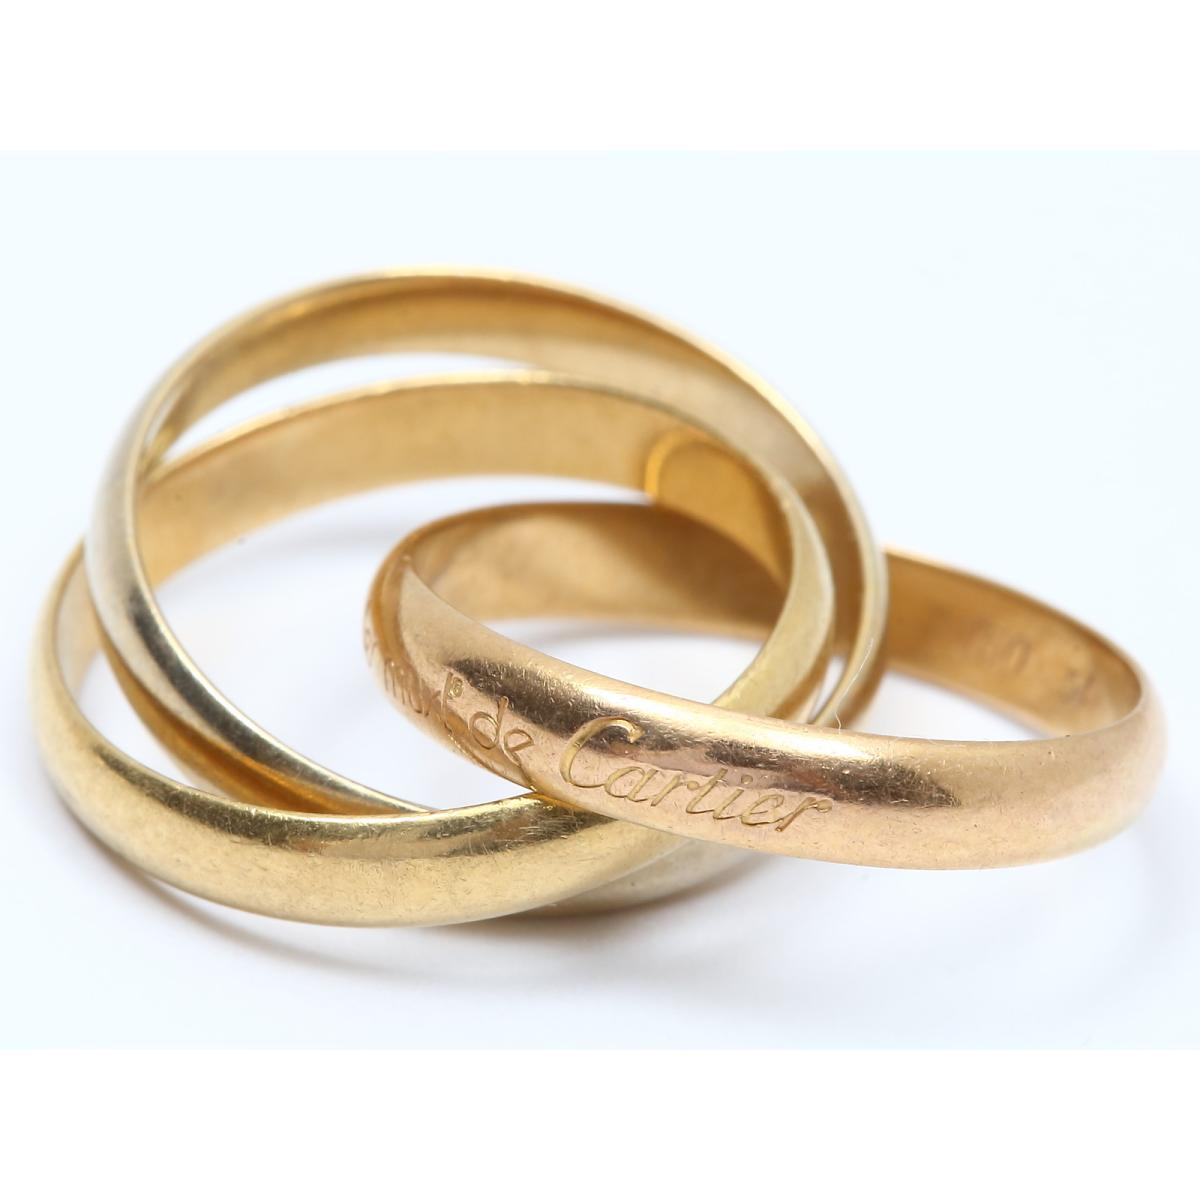 【中古】カルティエ トリニティリング 指輪 レディース K18YG(750) イエローゴールド x K18WG ホワイトゴールド x K18PG ピンクゴールド